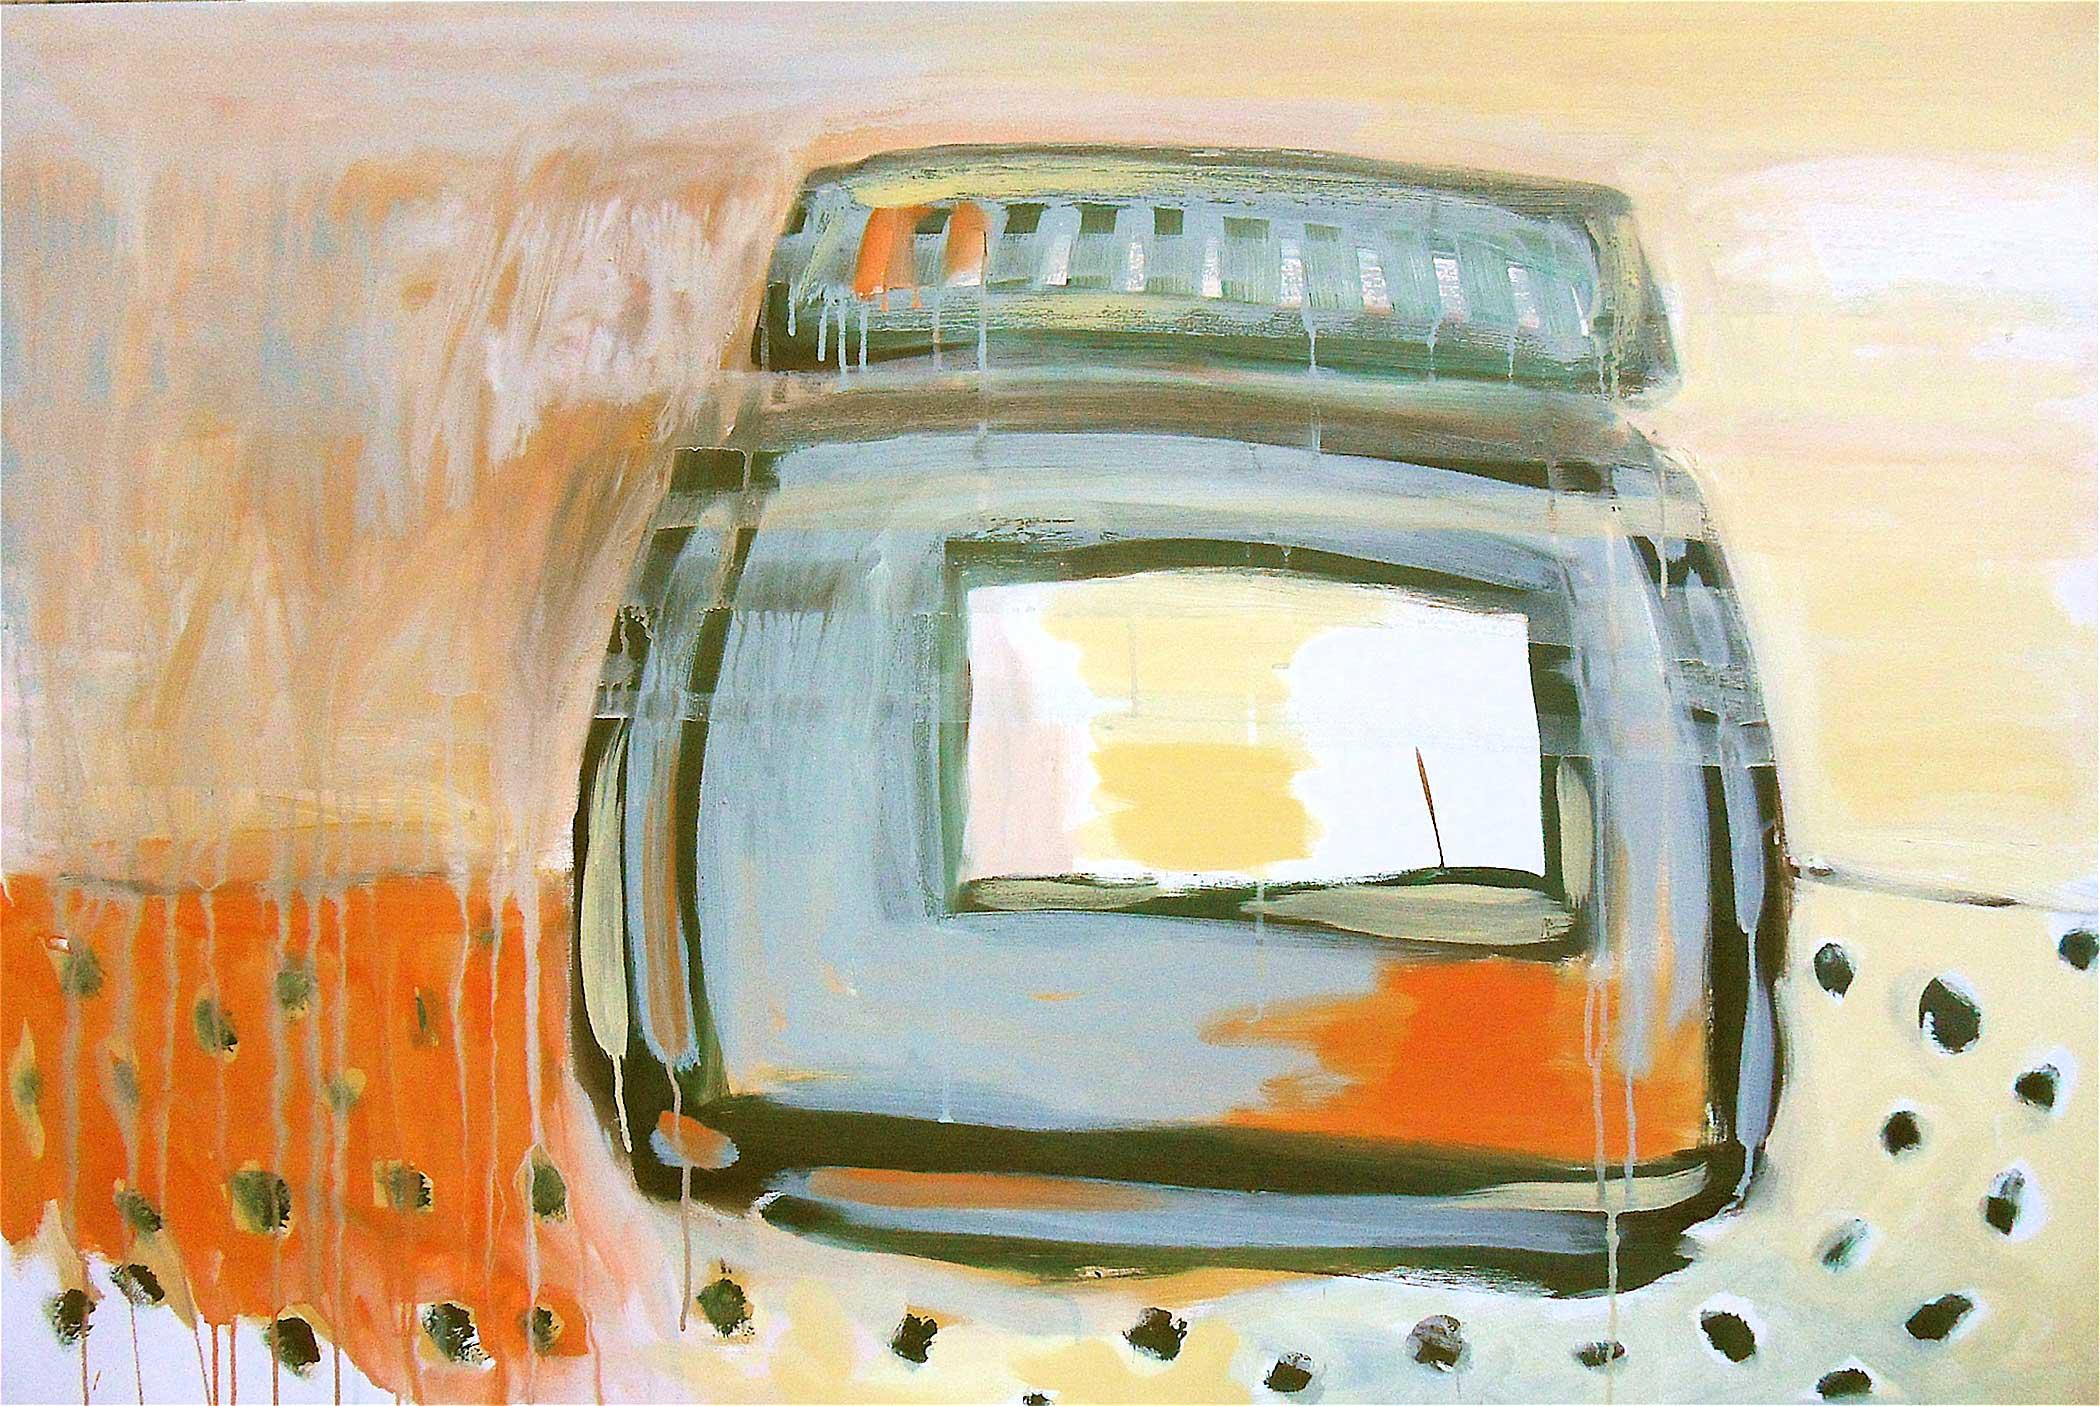 Cremetiegel-80-x-120-cm-oel-auf-Leinwand